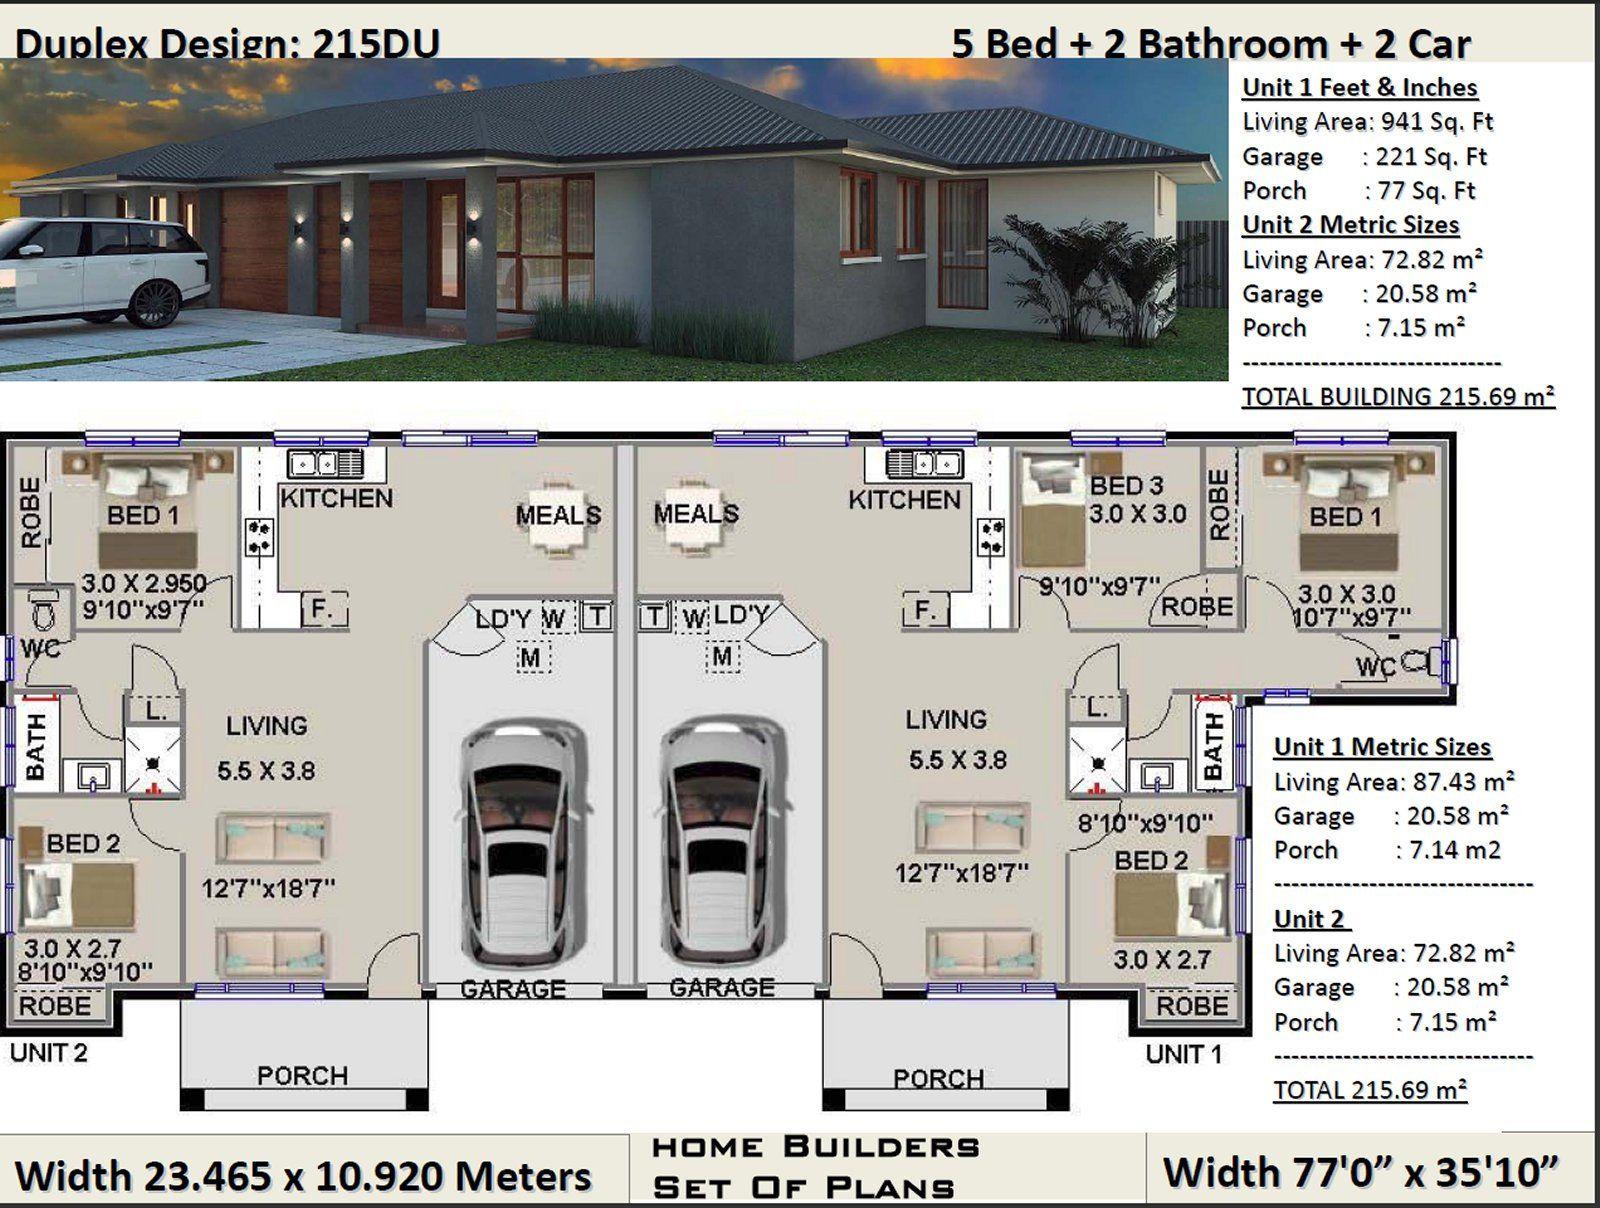 Duplex House Plans 5 Bedroom Duplex Design 3 X 2 Bedrooms Etsy Duplex House Plans Duplex Design Duplex Plans